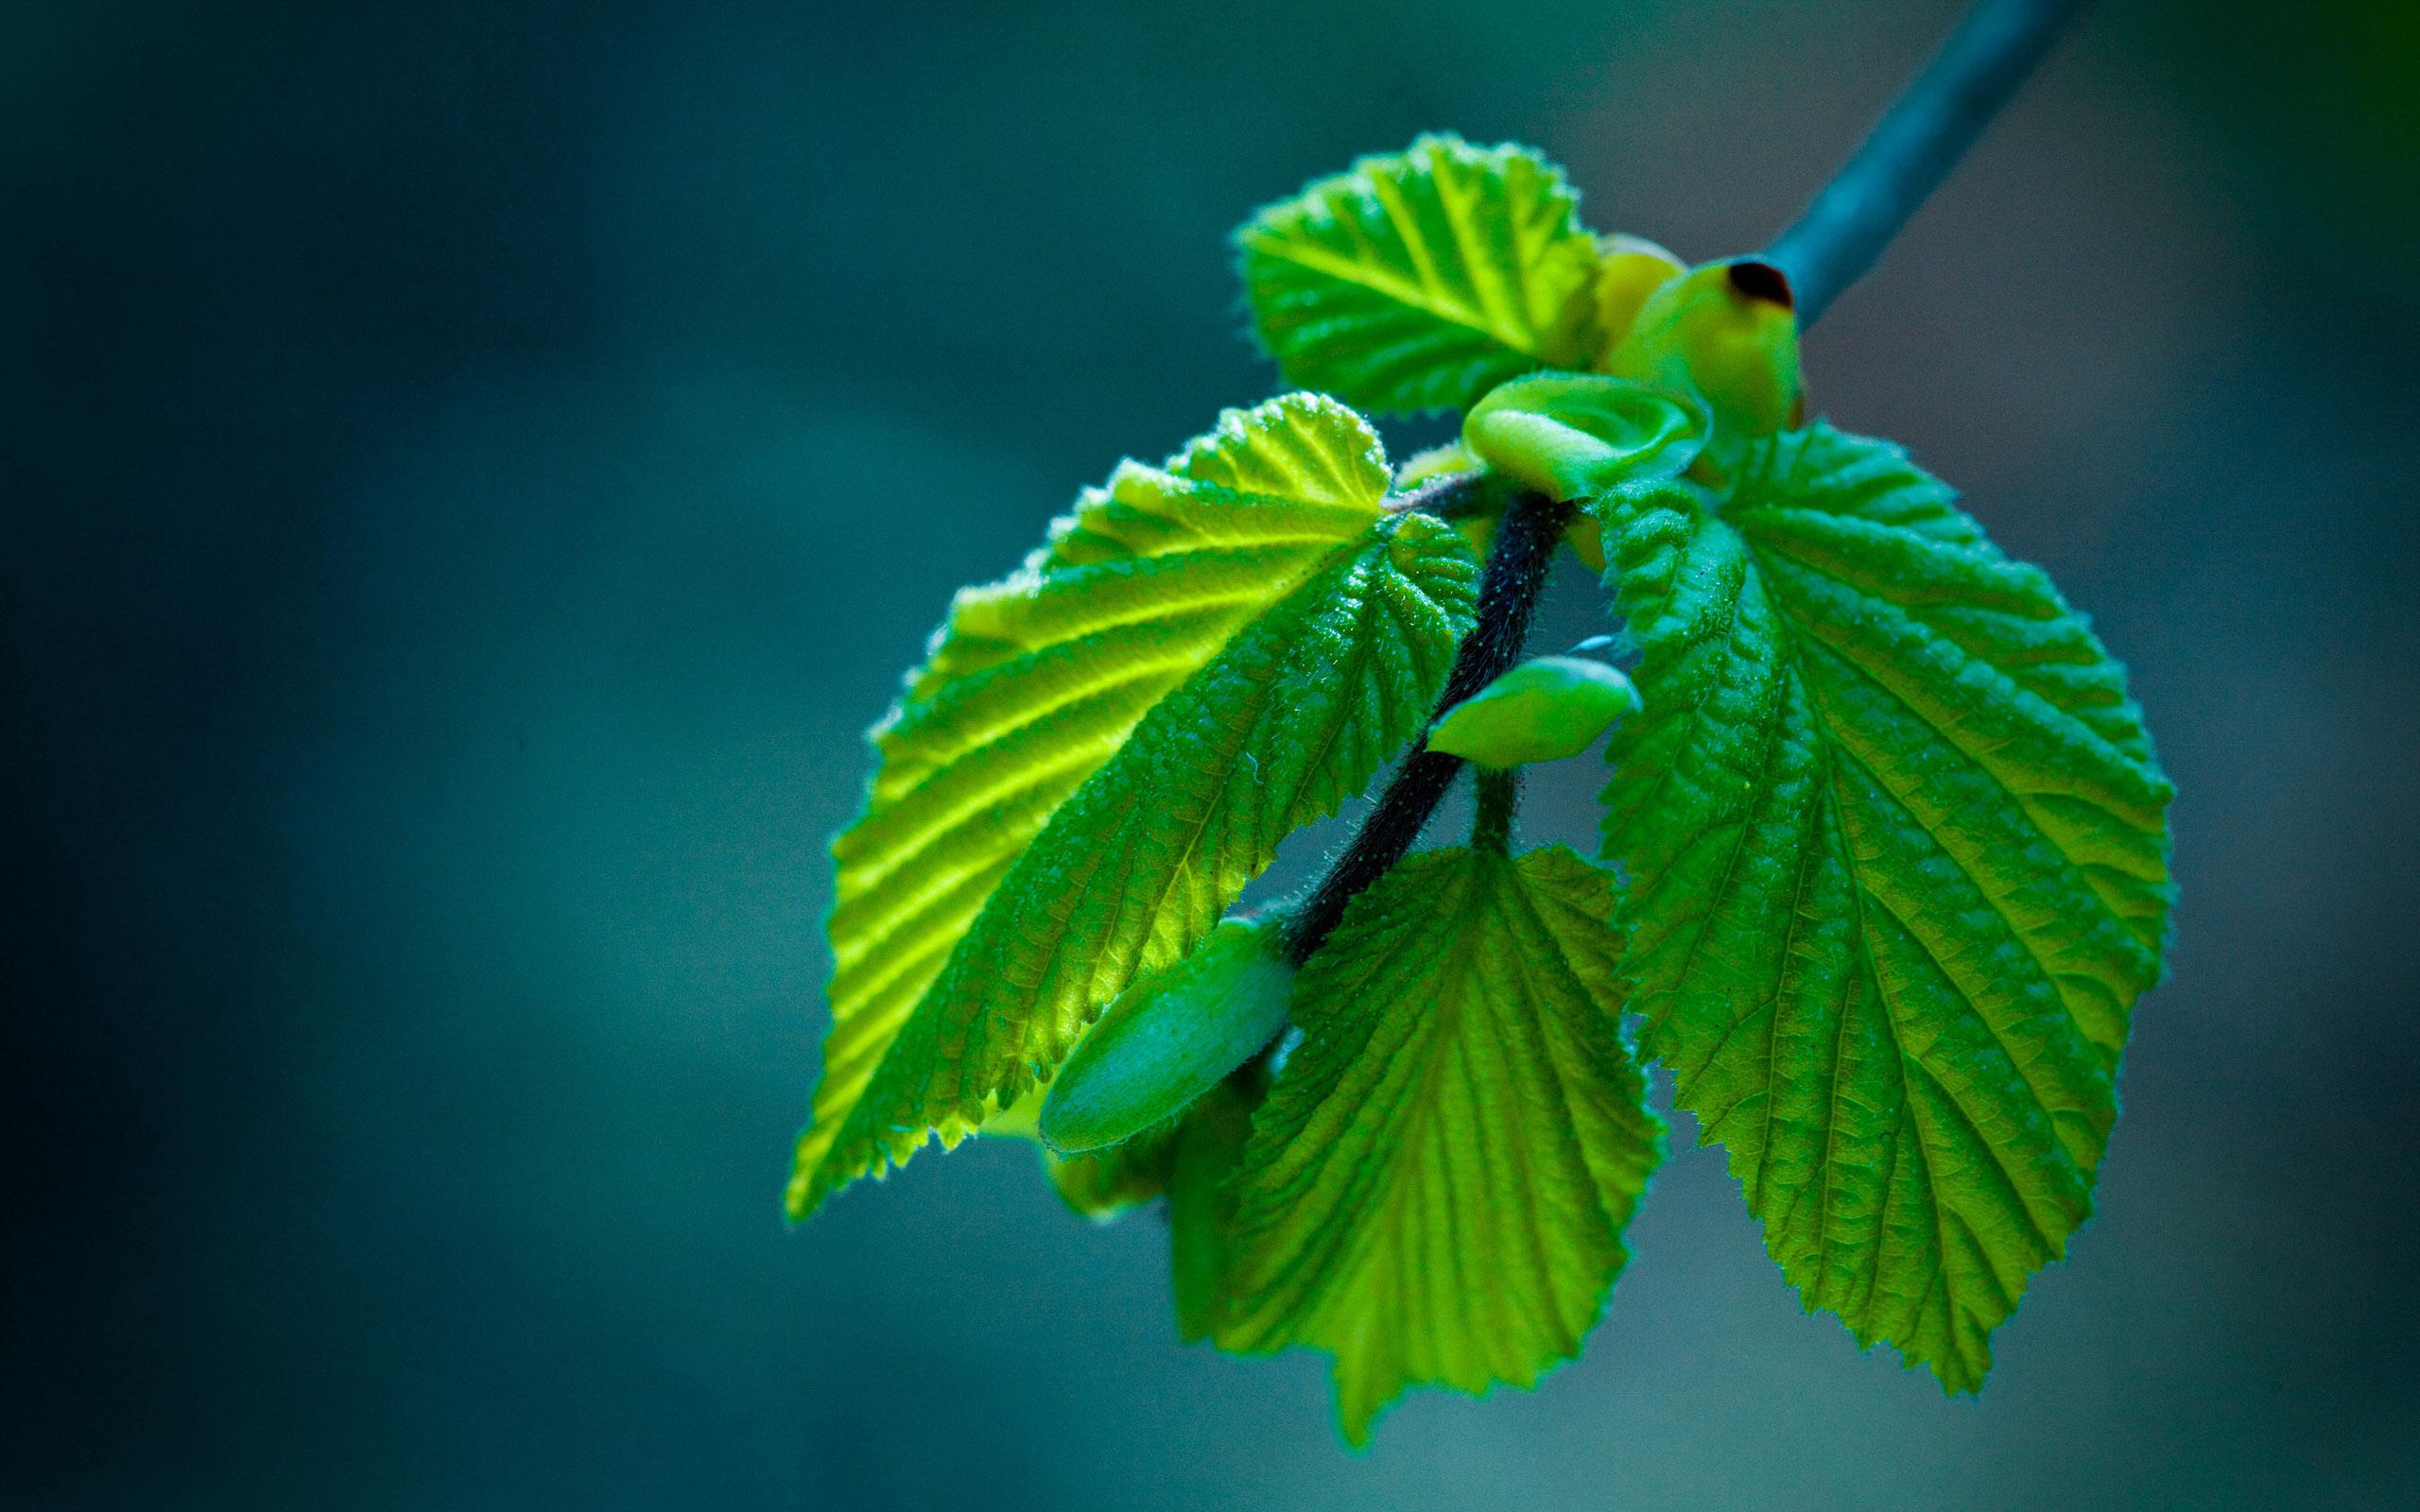 Красивые и невероятные картинки листьев, растений, зелени 14